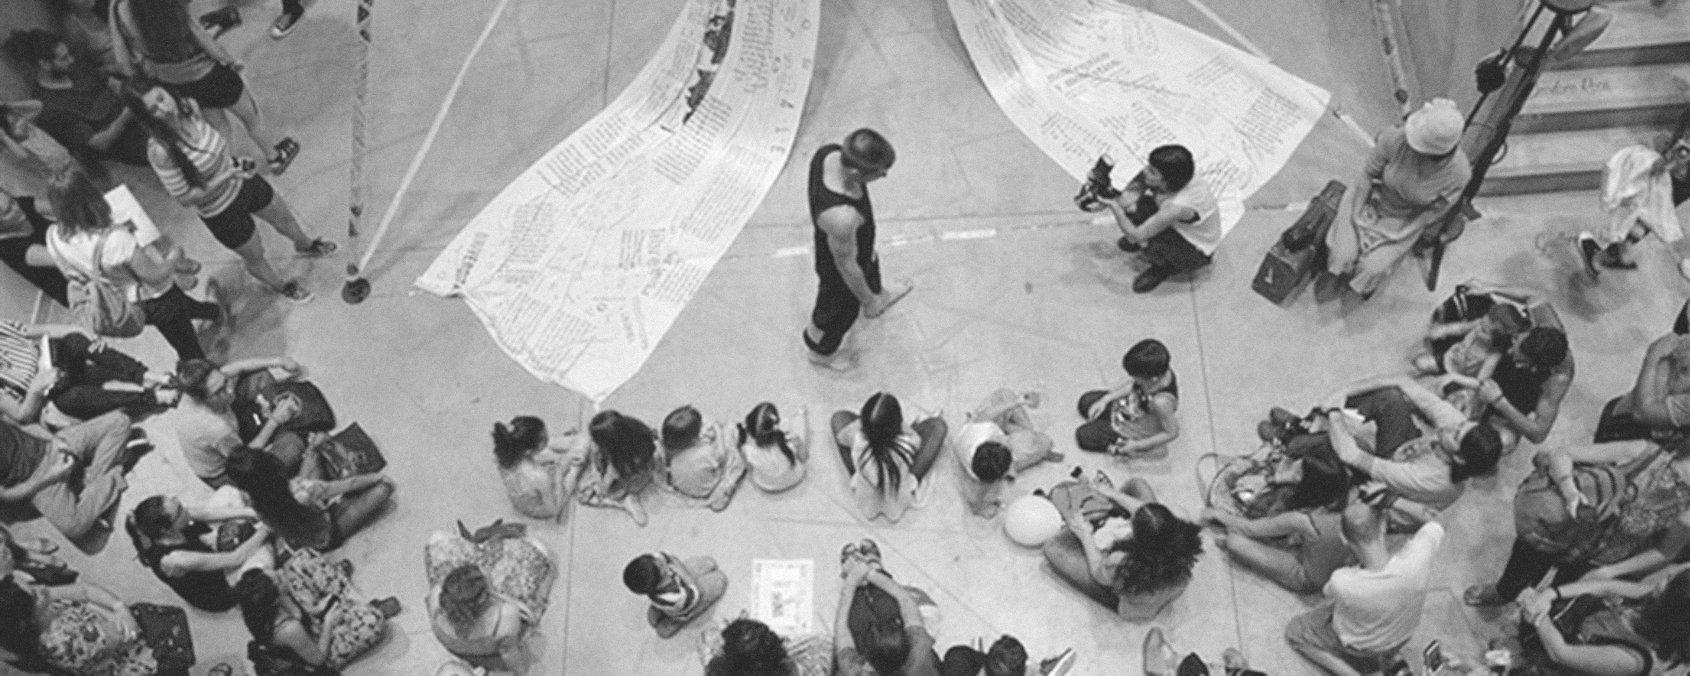 Llega la Noche de los Museos 2018 en el año del Centenario de la Reforma Universitaria